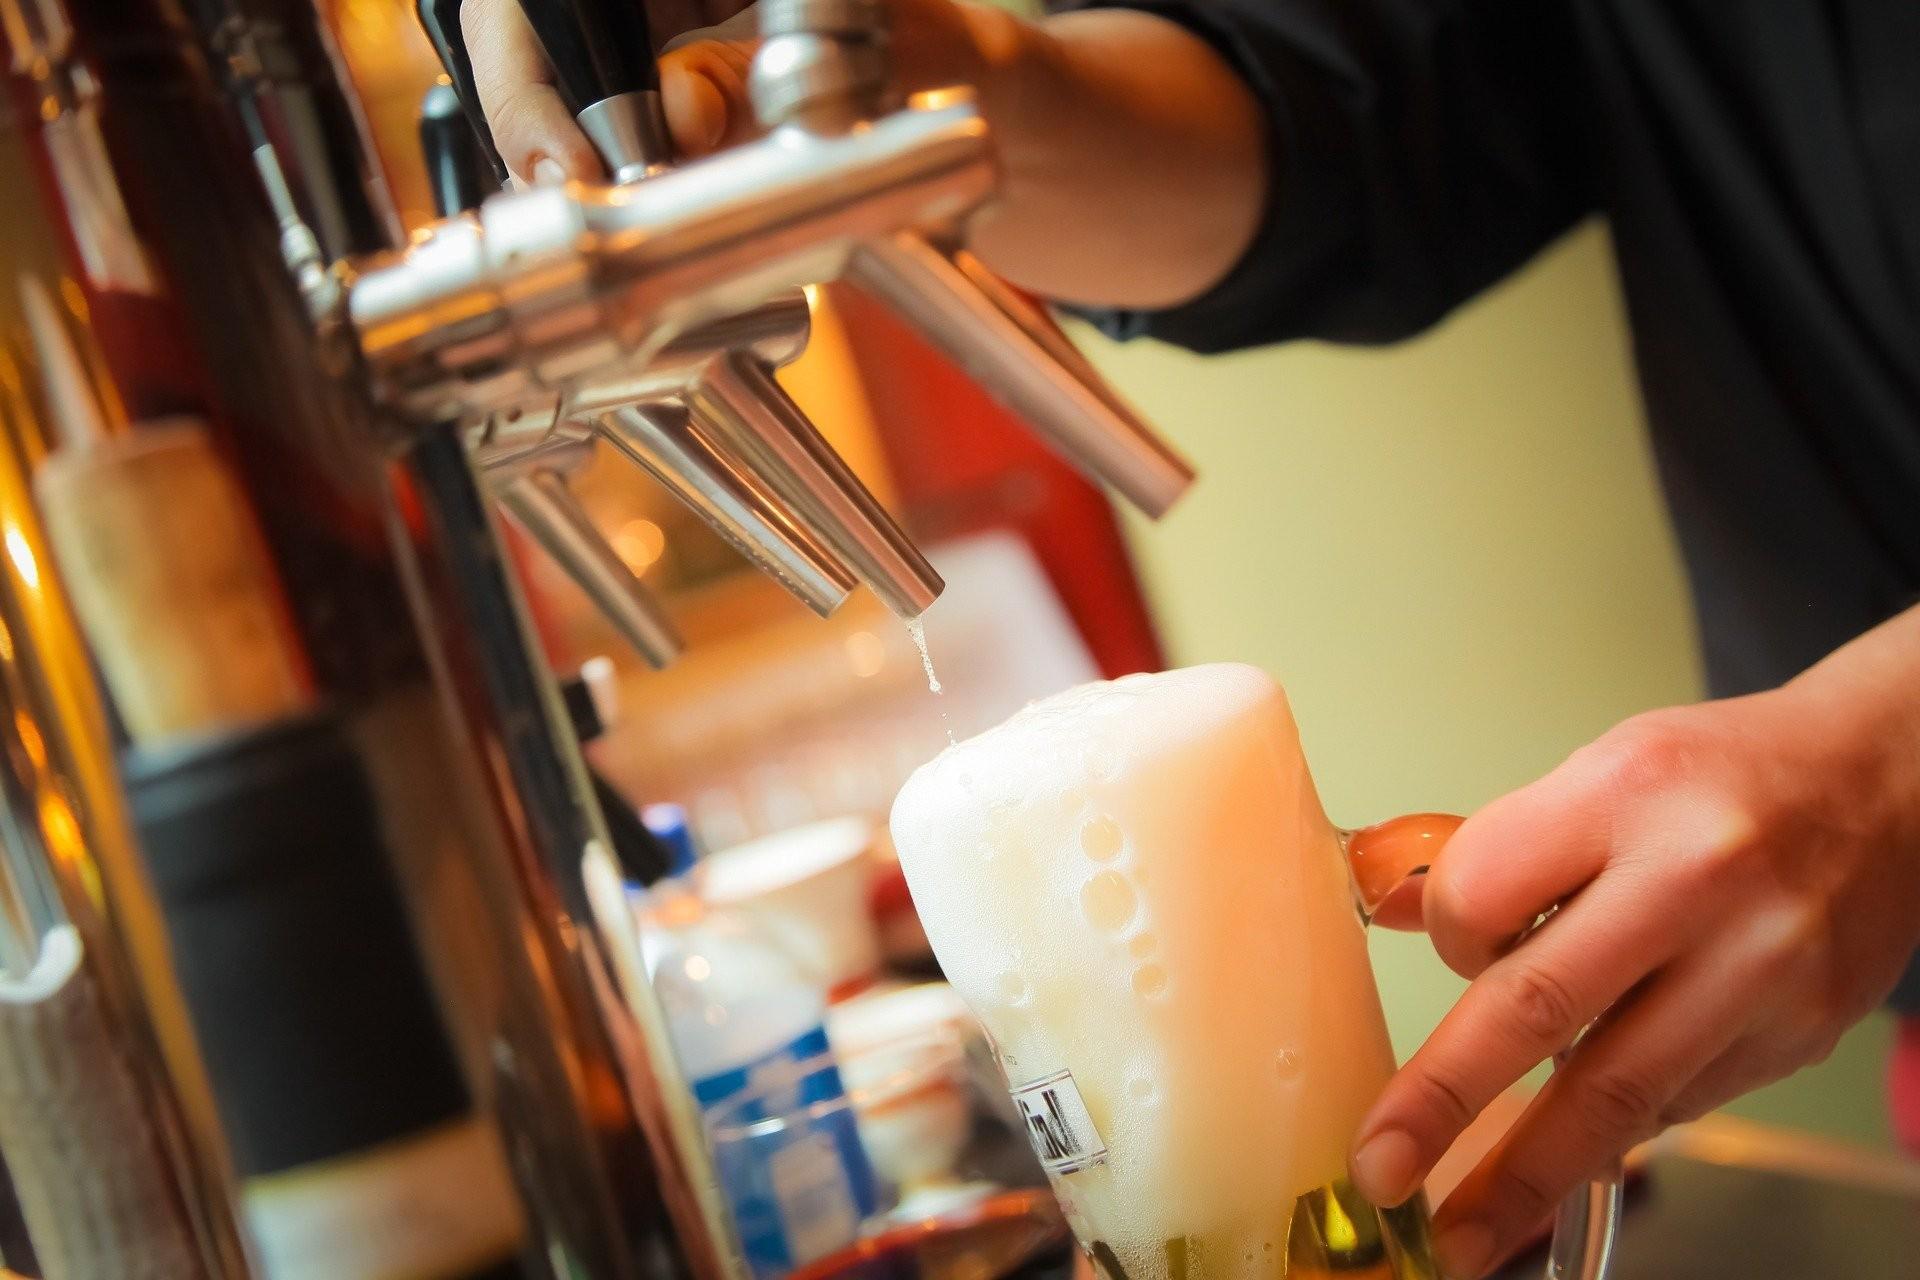 Cervejaria eleita como melhor do mundo é novidade na edição de carnaval do 'Beba do Quadrado', no DF